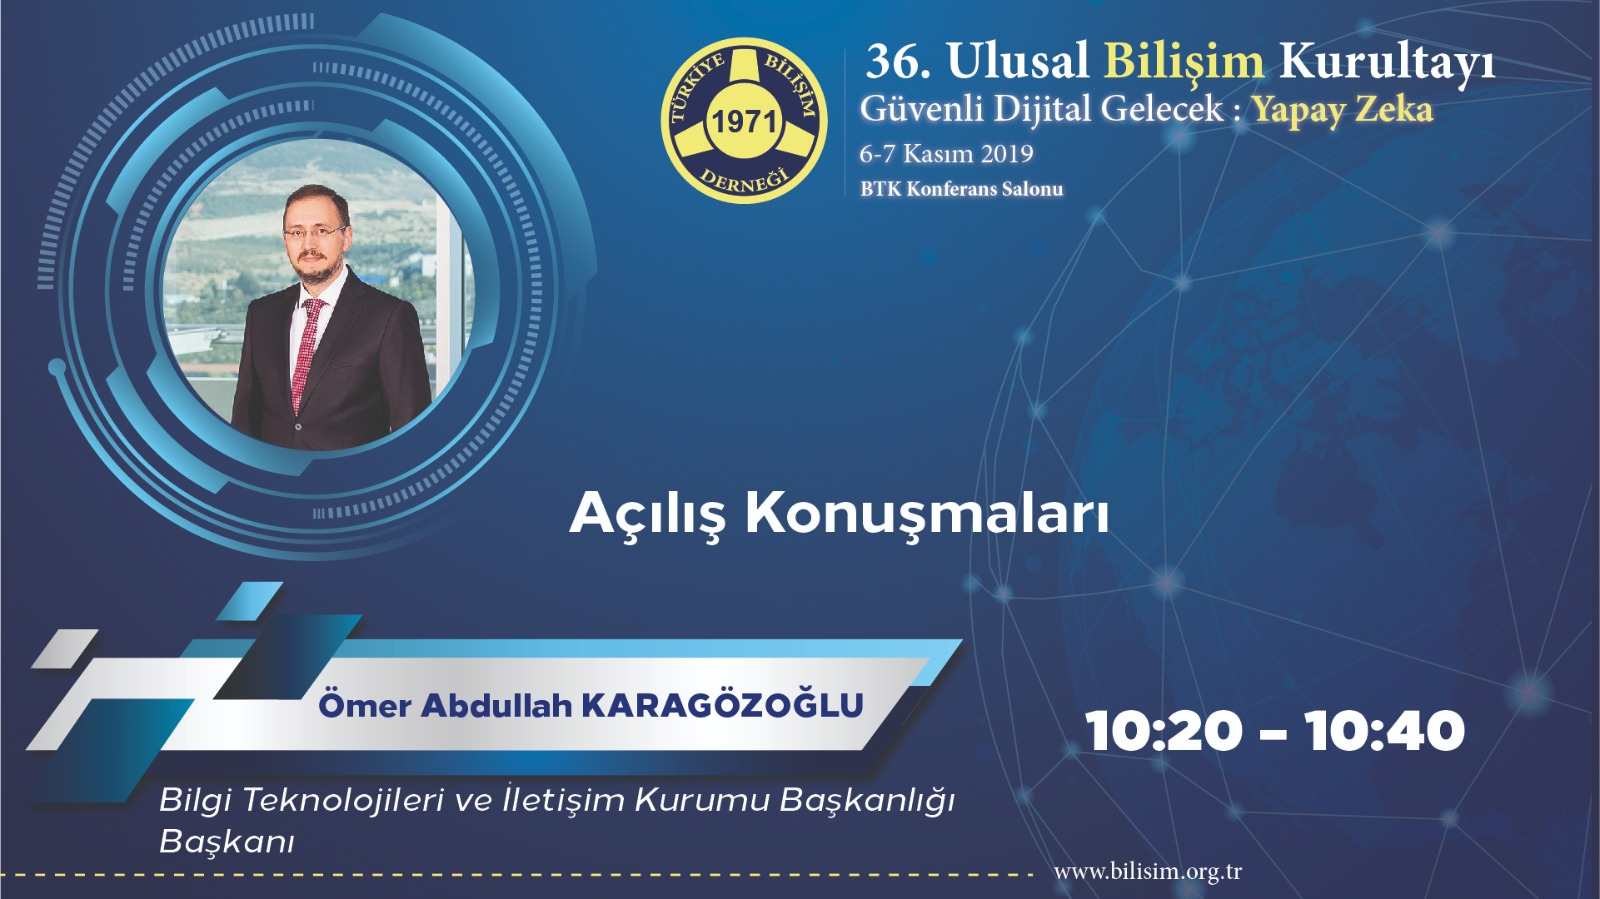 Ömer Abdullah KARAGÖZOĞLU - 36. Ulusal Bilişim Kurultayı